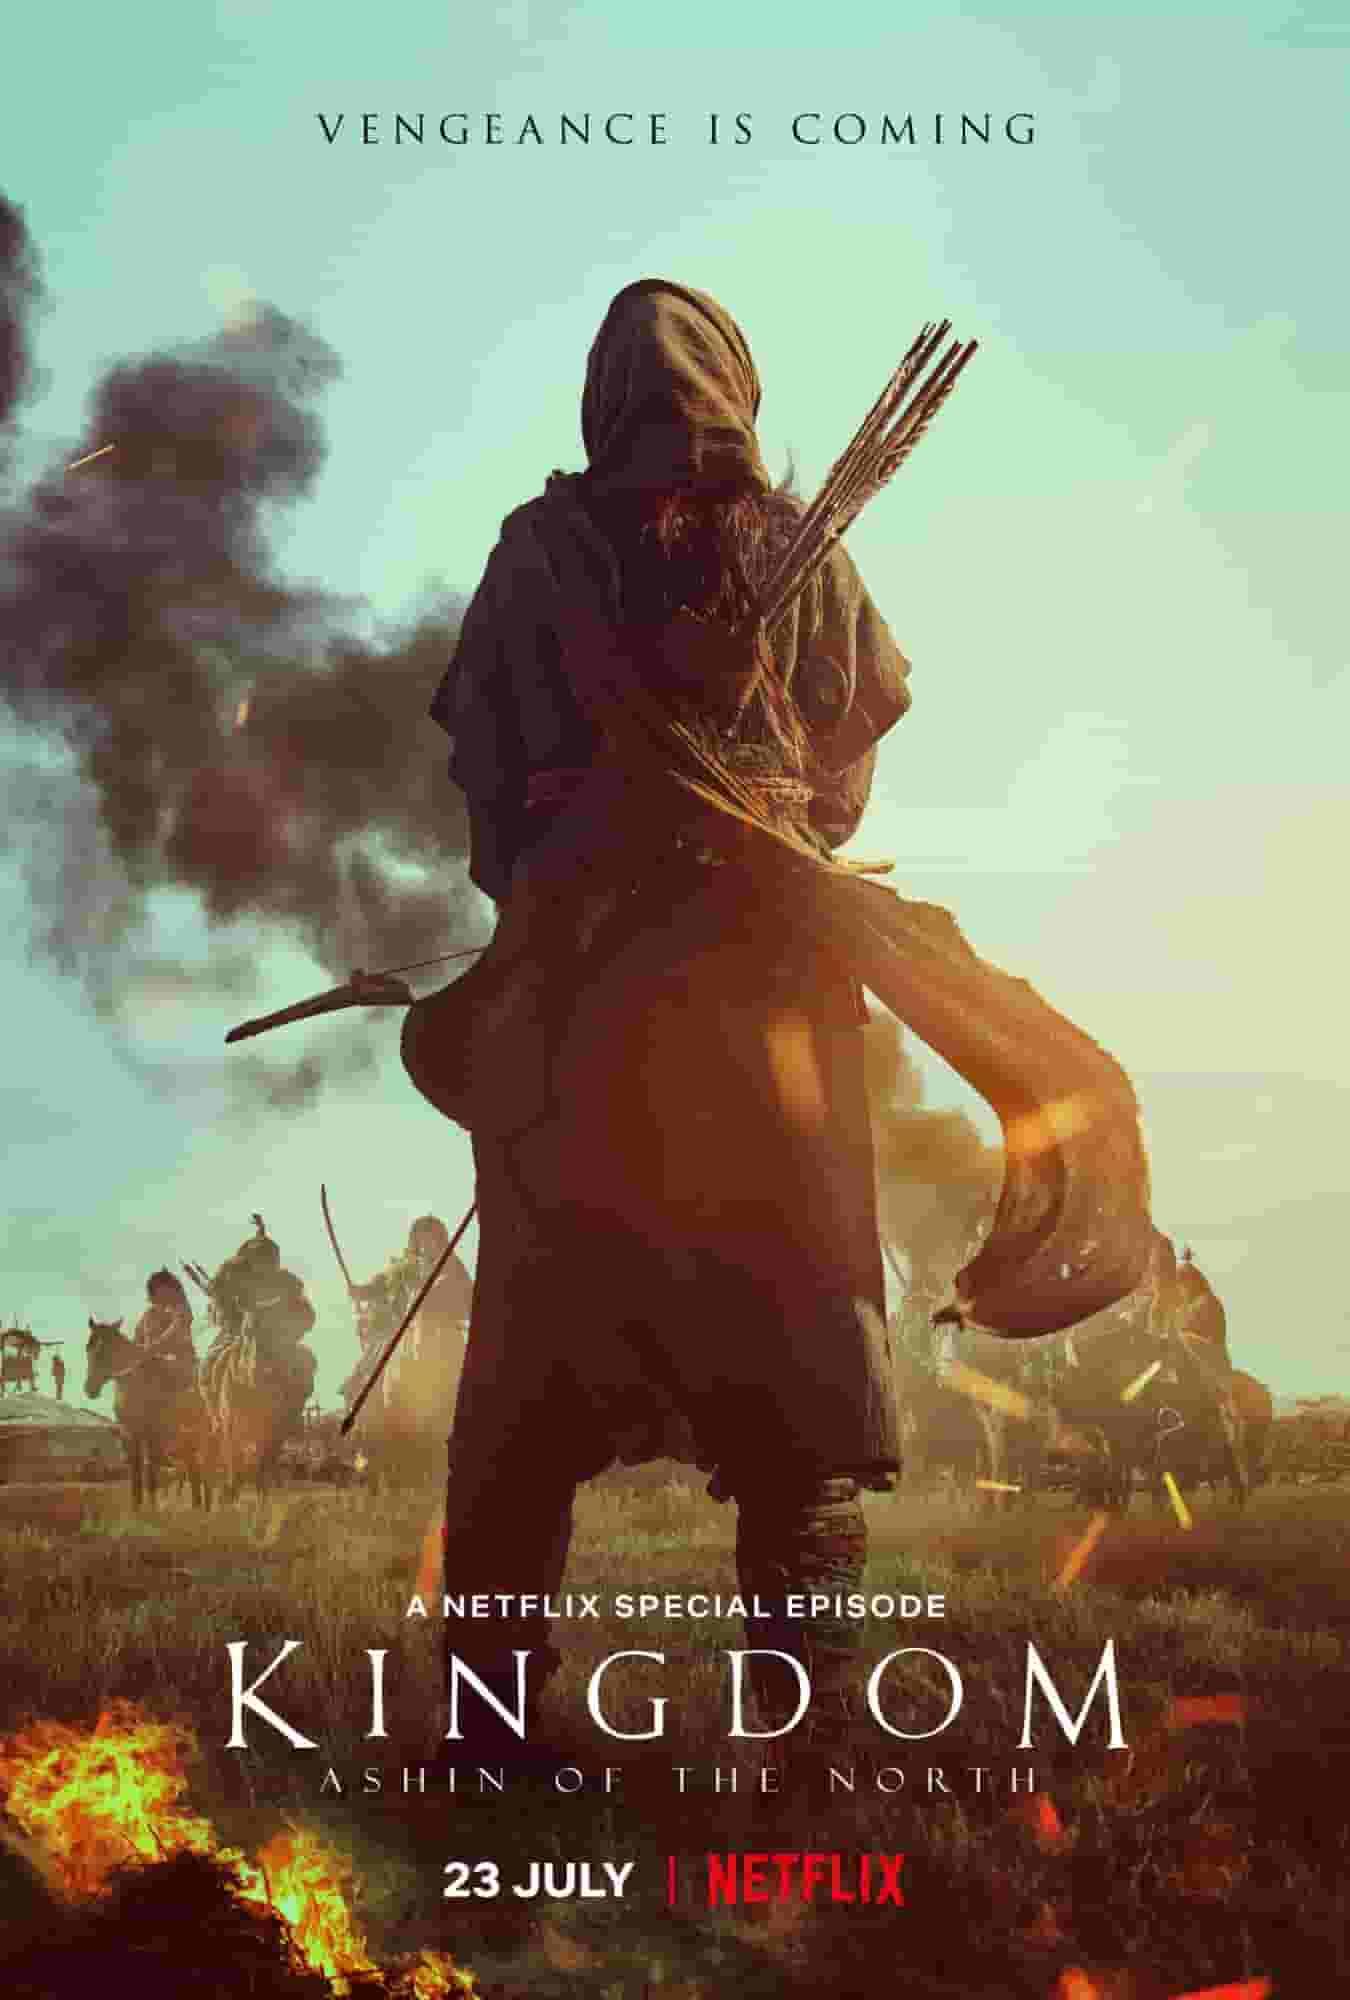 ดูหนังเอเชีย Kingdom: Ashin of the North (2021) ผีดิบคลั่ง บัลลังก์เดือด: อาชินแห่งเผ่าเหนือ